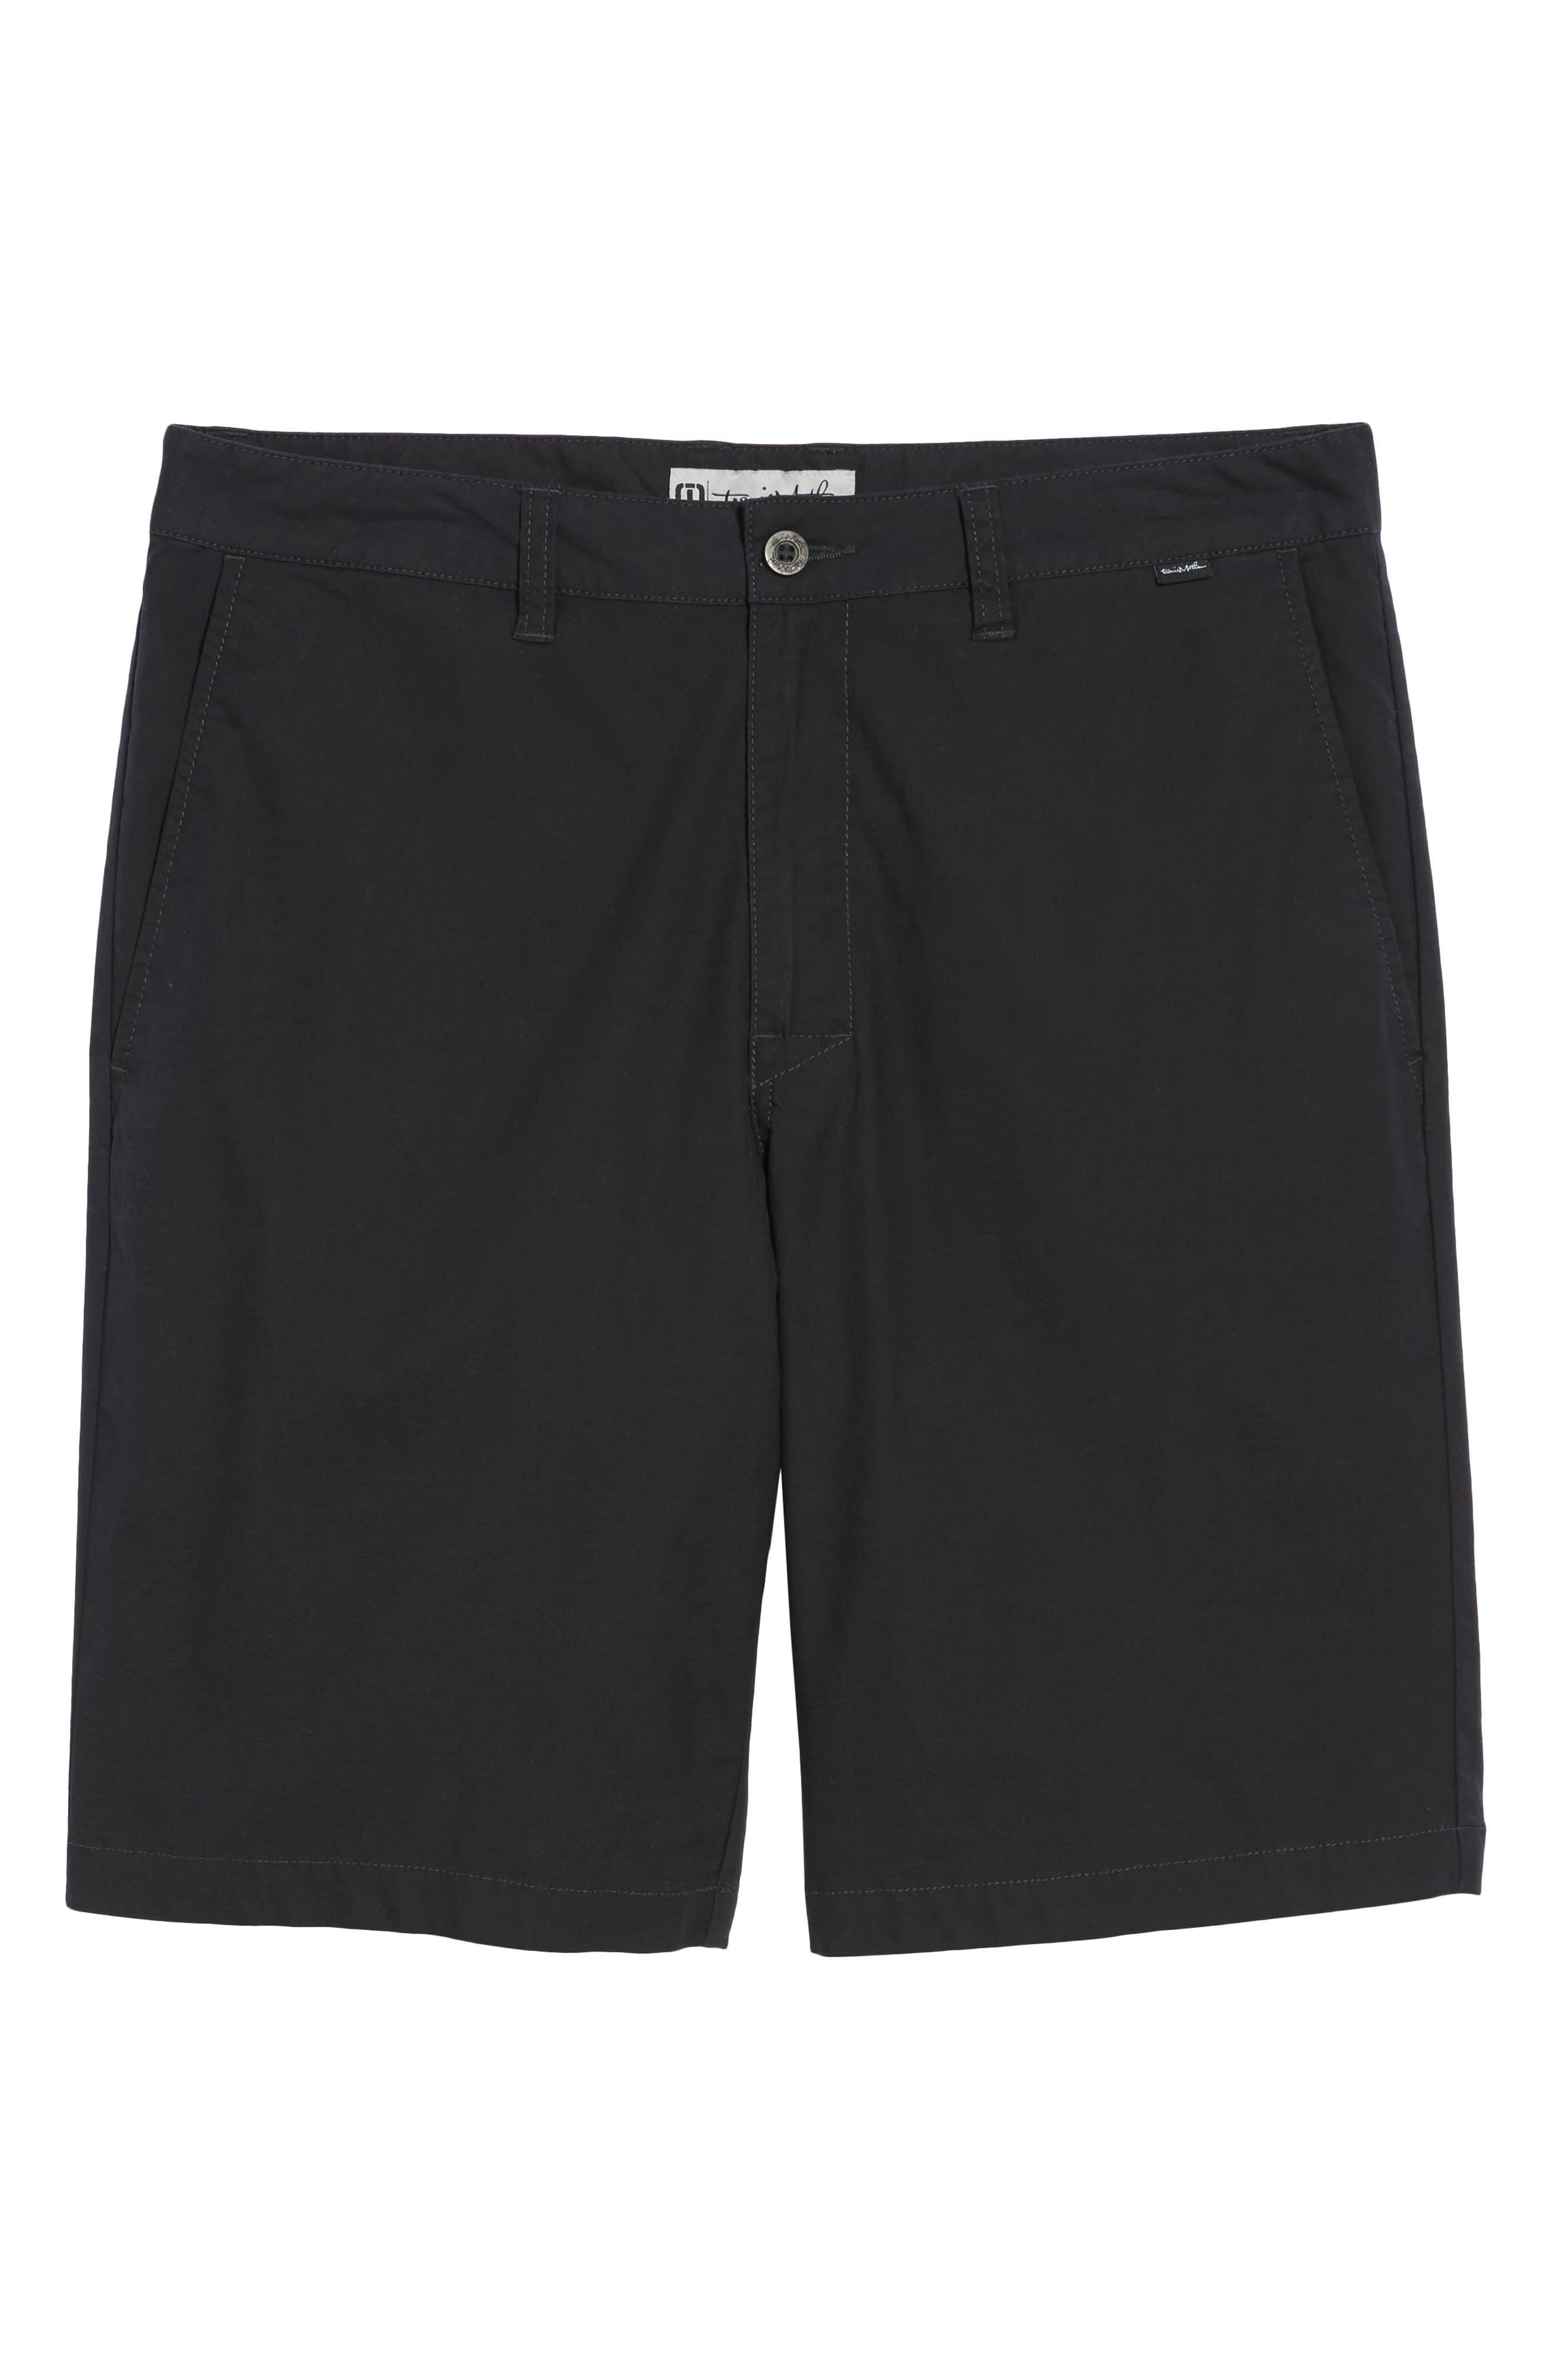 Huntington Shorts,                             Alternate thumbnail 6, color,                             BLACK